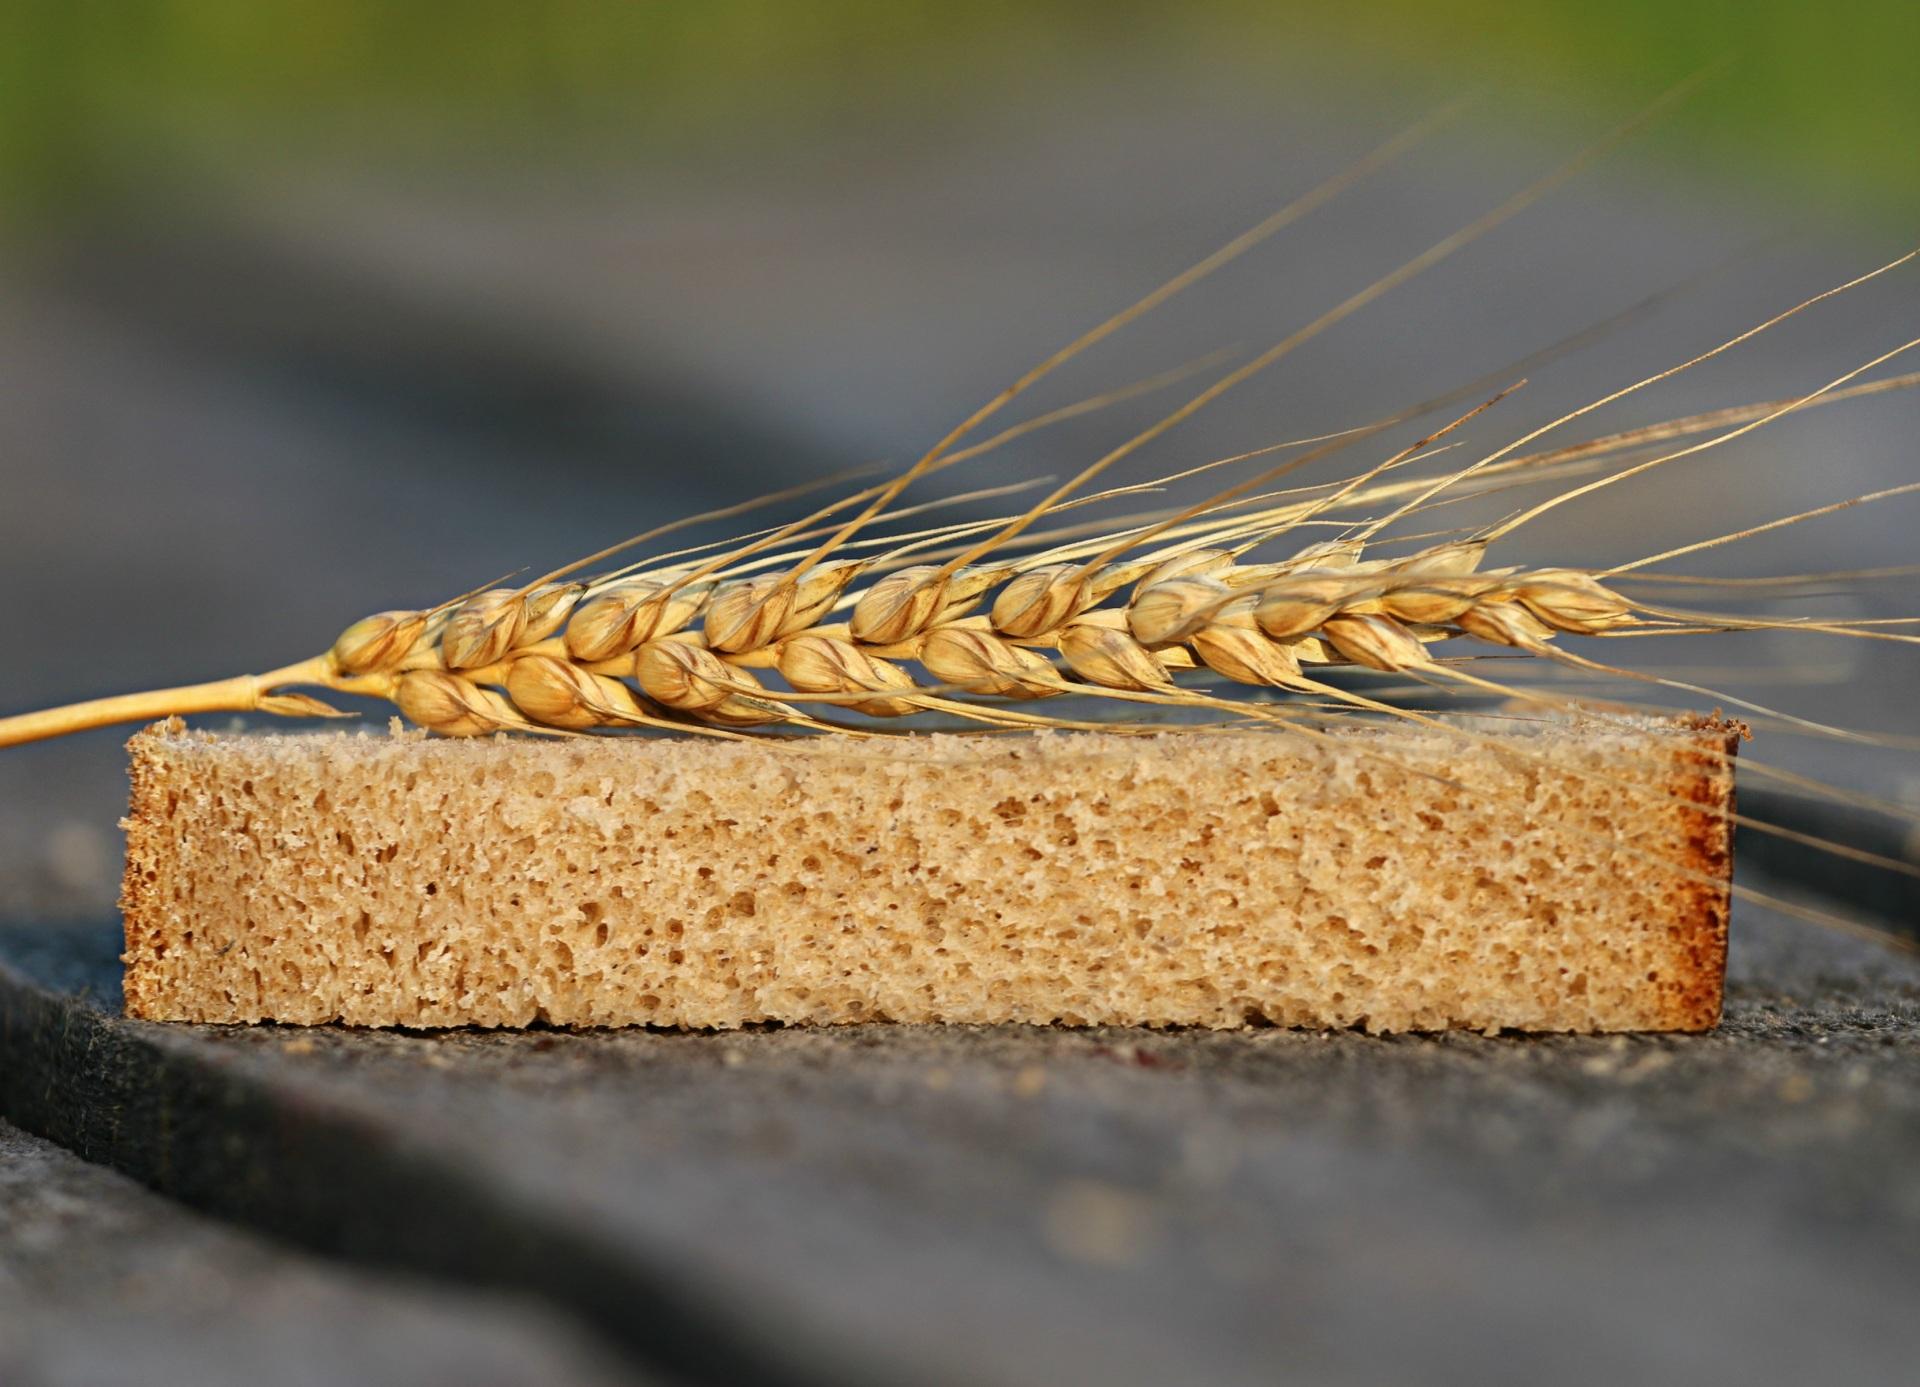 Картинка Пшеница Хлеб часть колосок Пища вблизи 1920x1387 Кусок Колос кусочки кусочек колосья колоски Еда Продукты питания Крупным планом